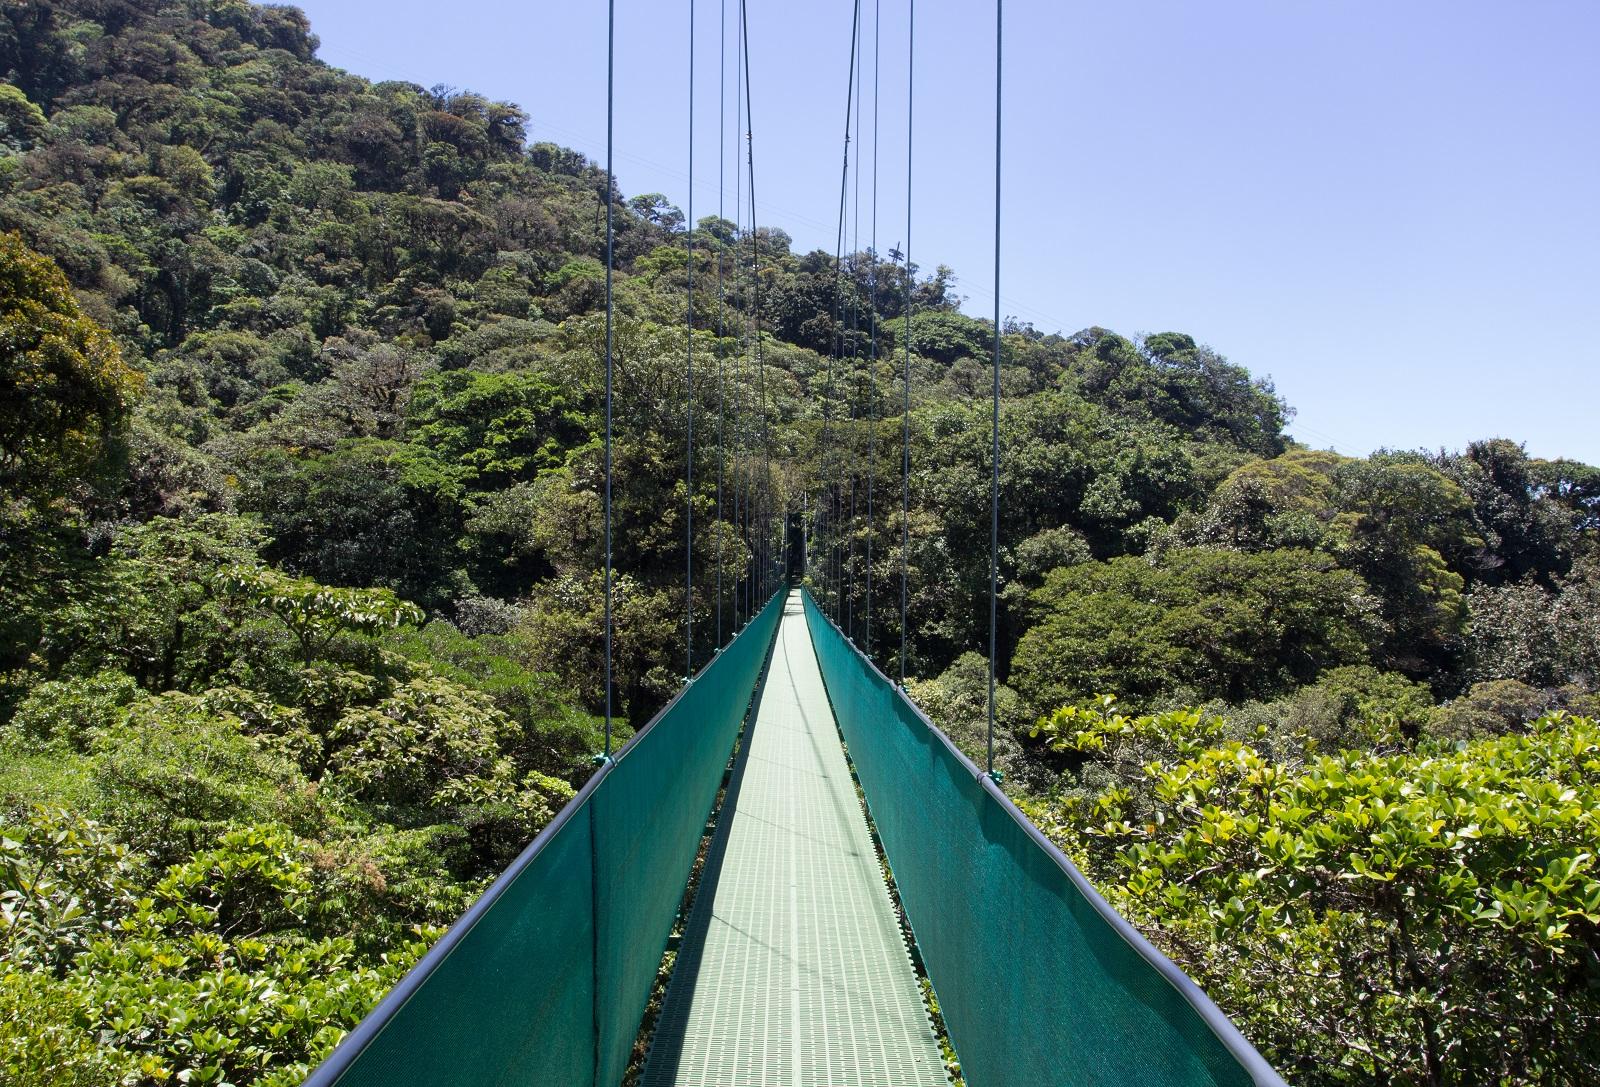 pont penjant monteverde